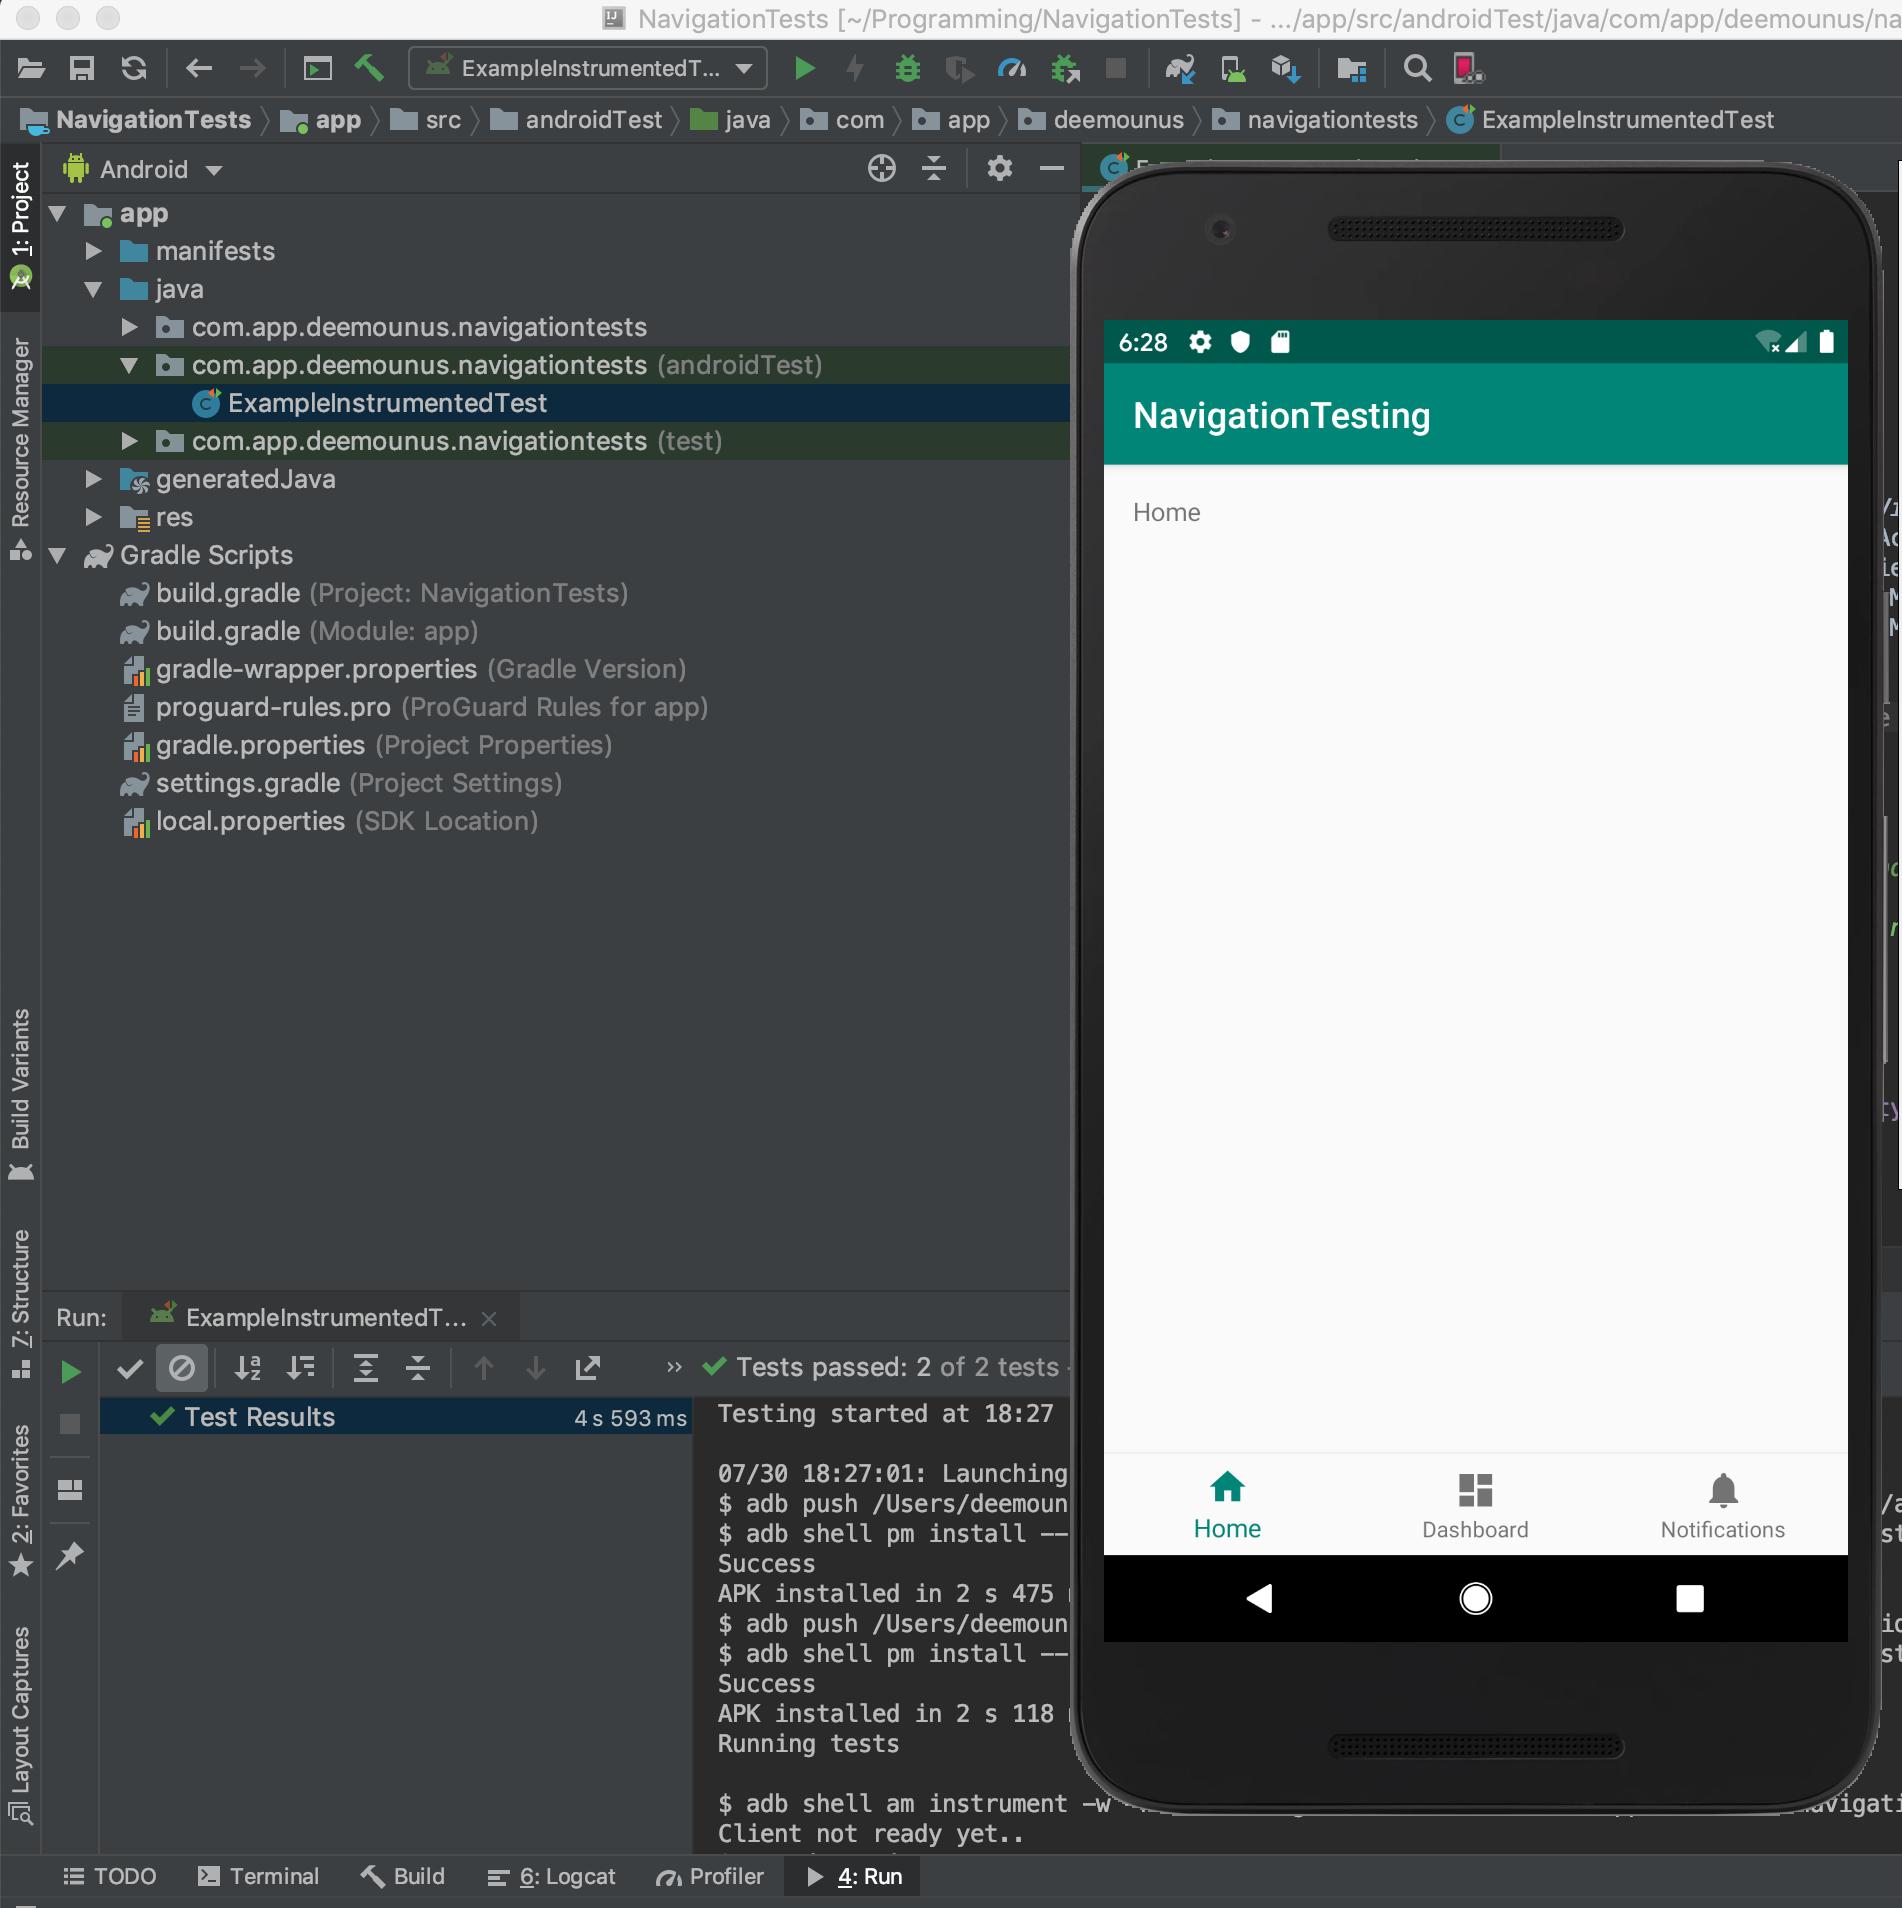 Автоматизация Android. Супер простое руководство по созданию первого Espresso-теста - 11